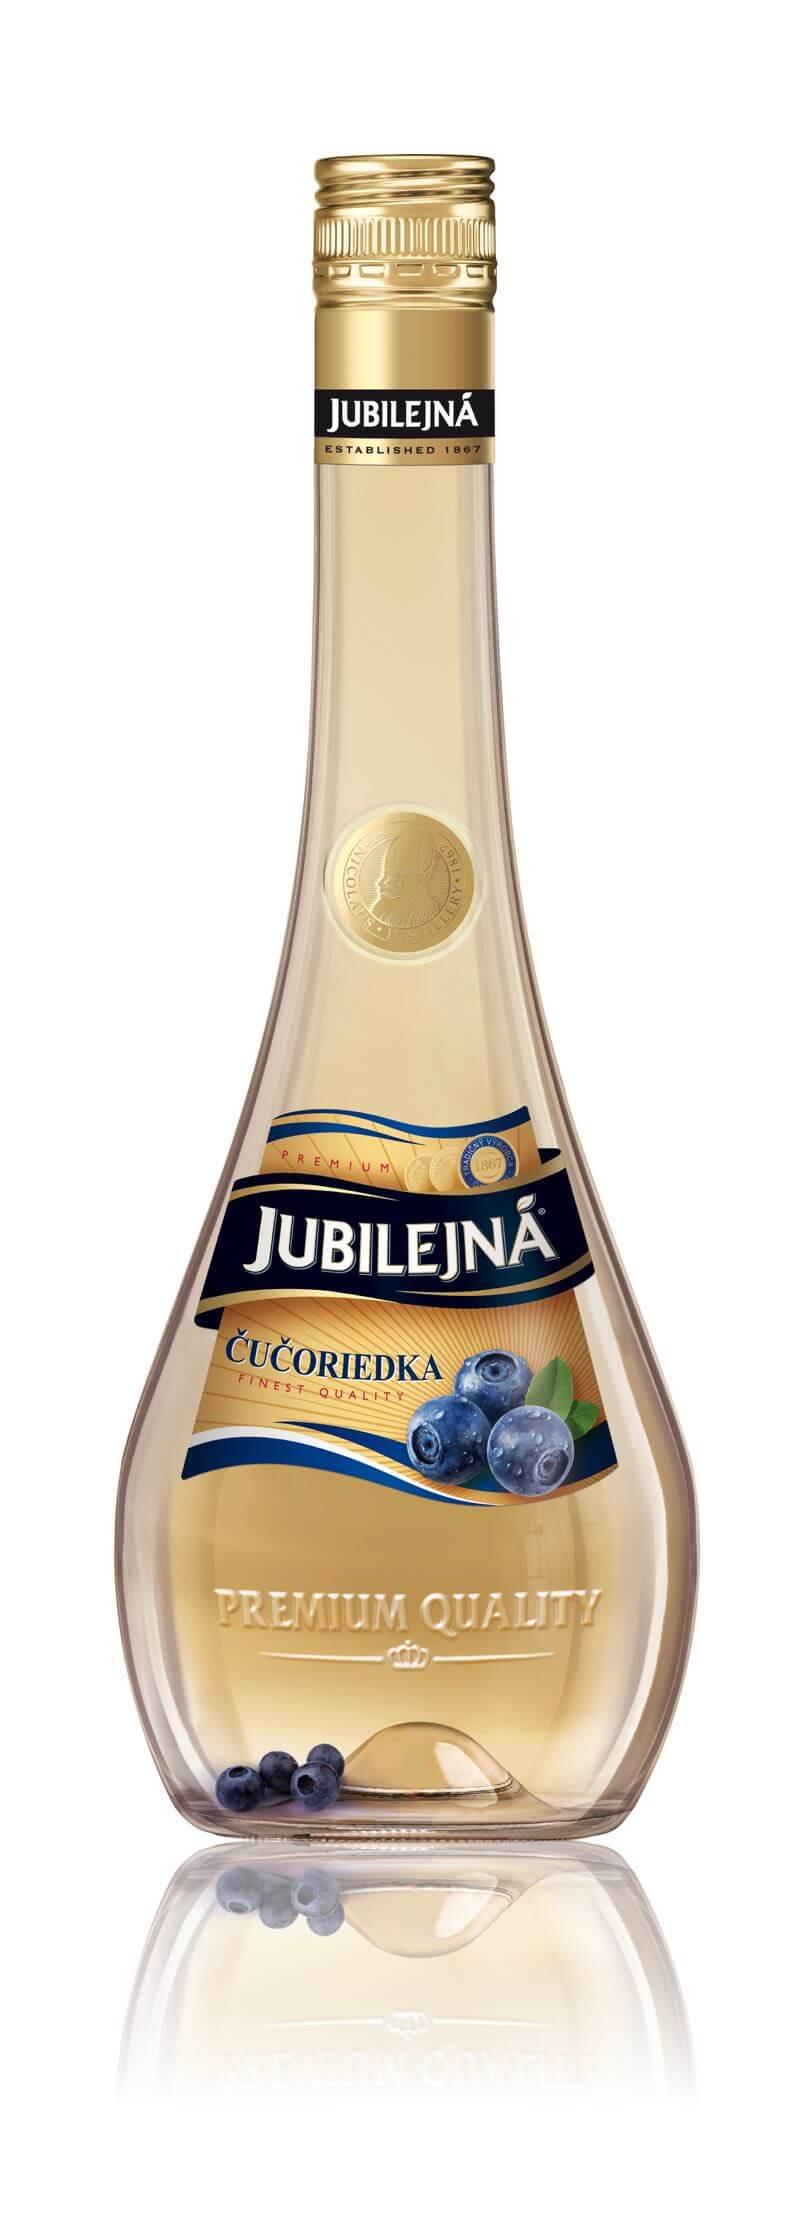 Jubilejná Čučoriedka 40% 0,7l